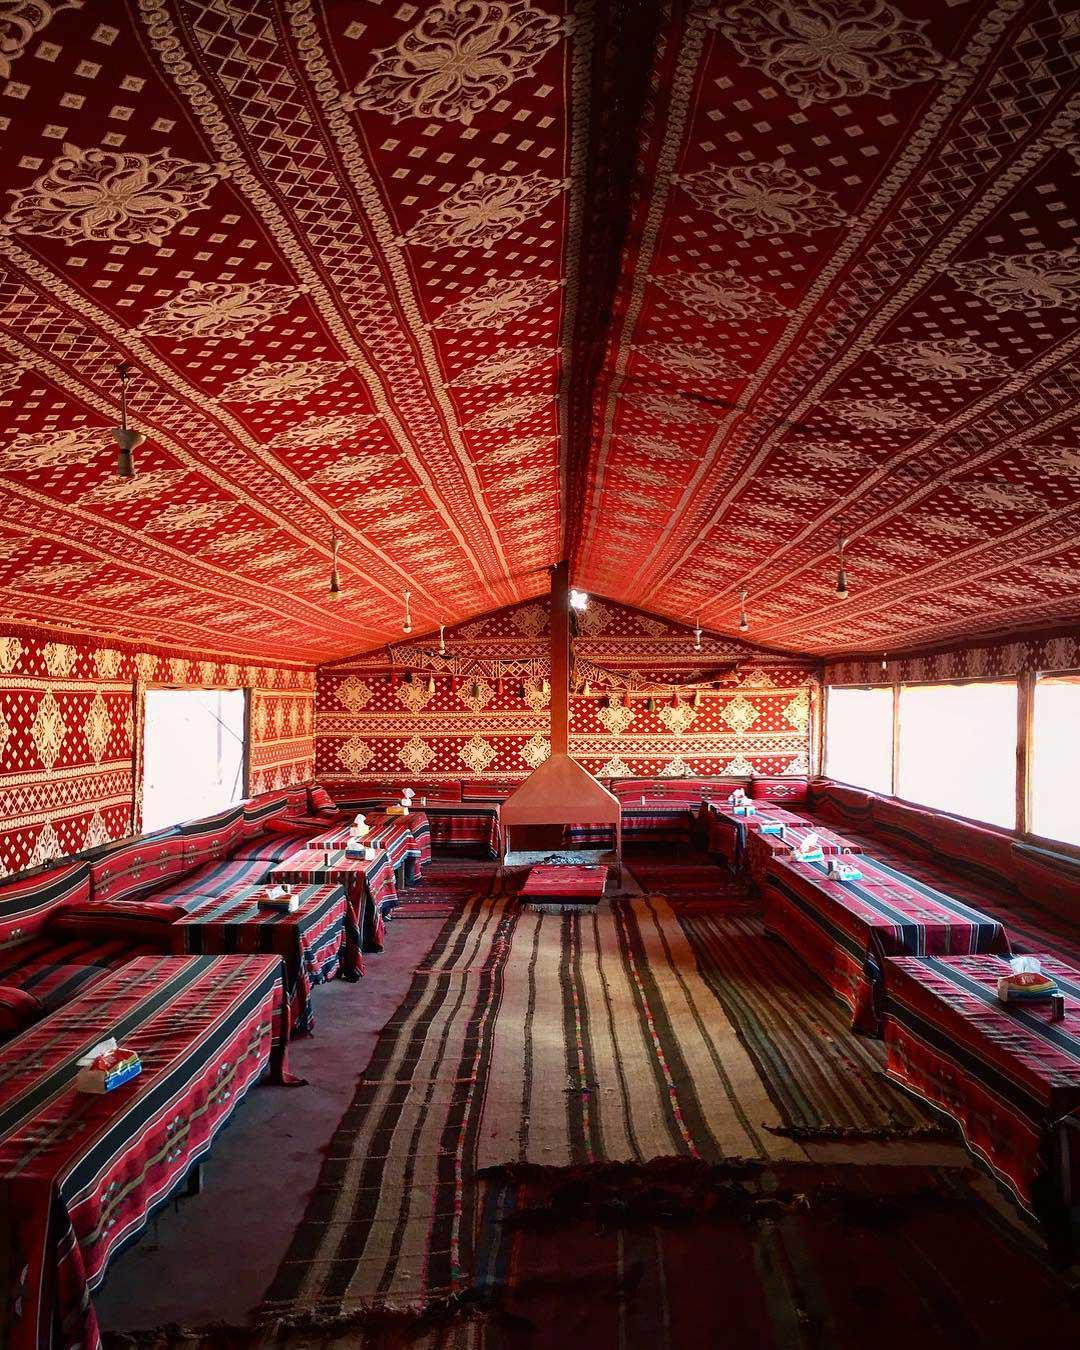 浪漫的野外露营 帐篷酒店瓦迪拉姆贝都因人营地